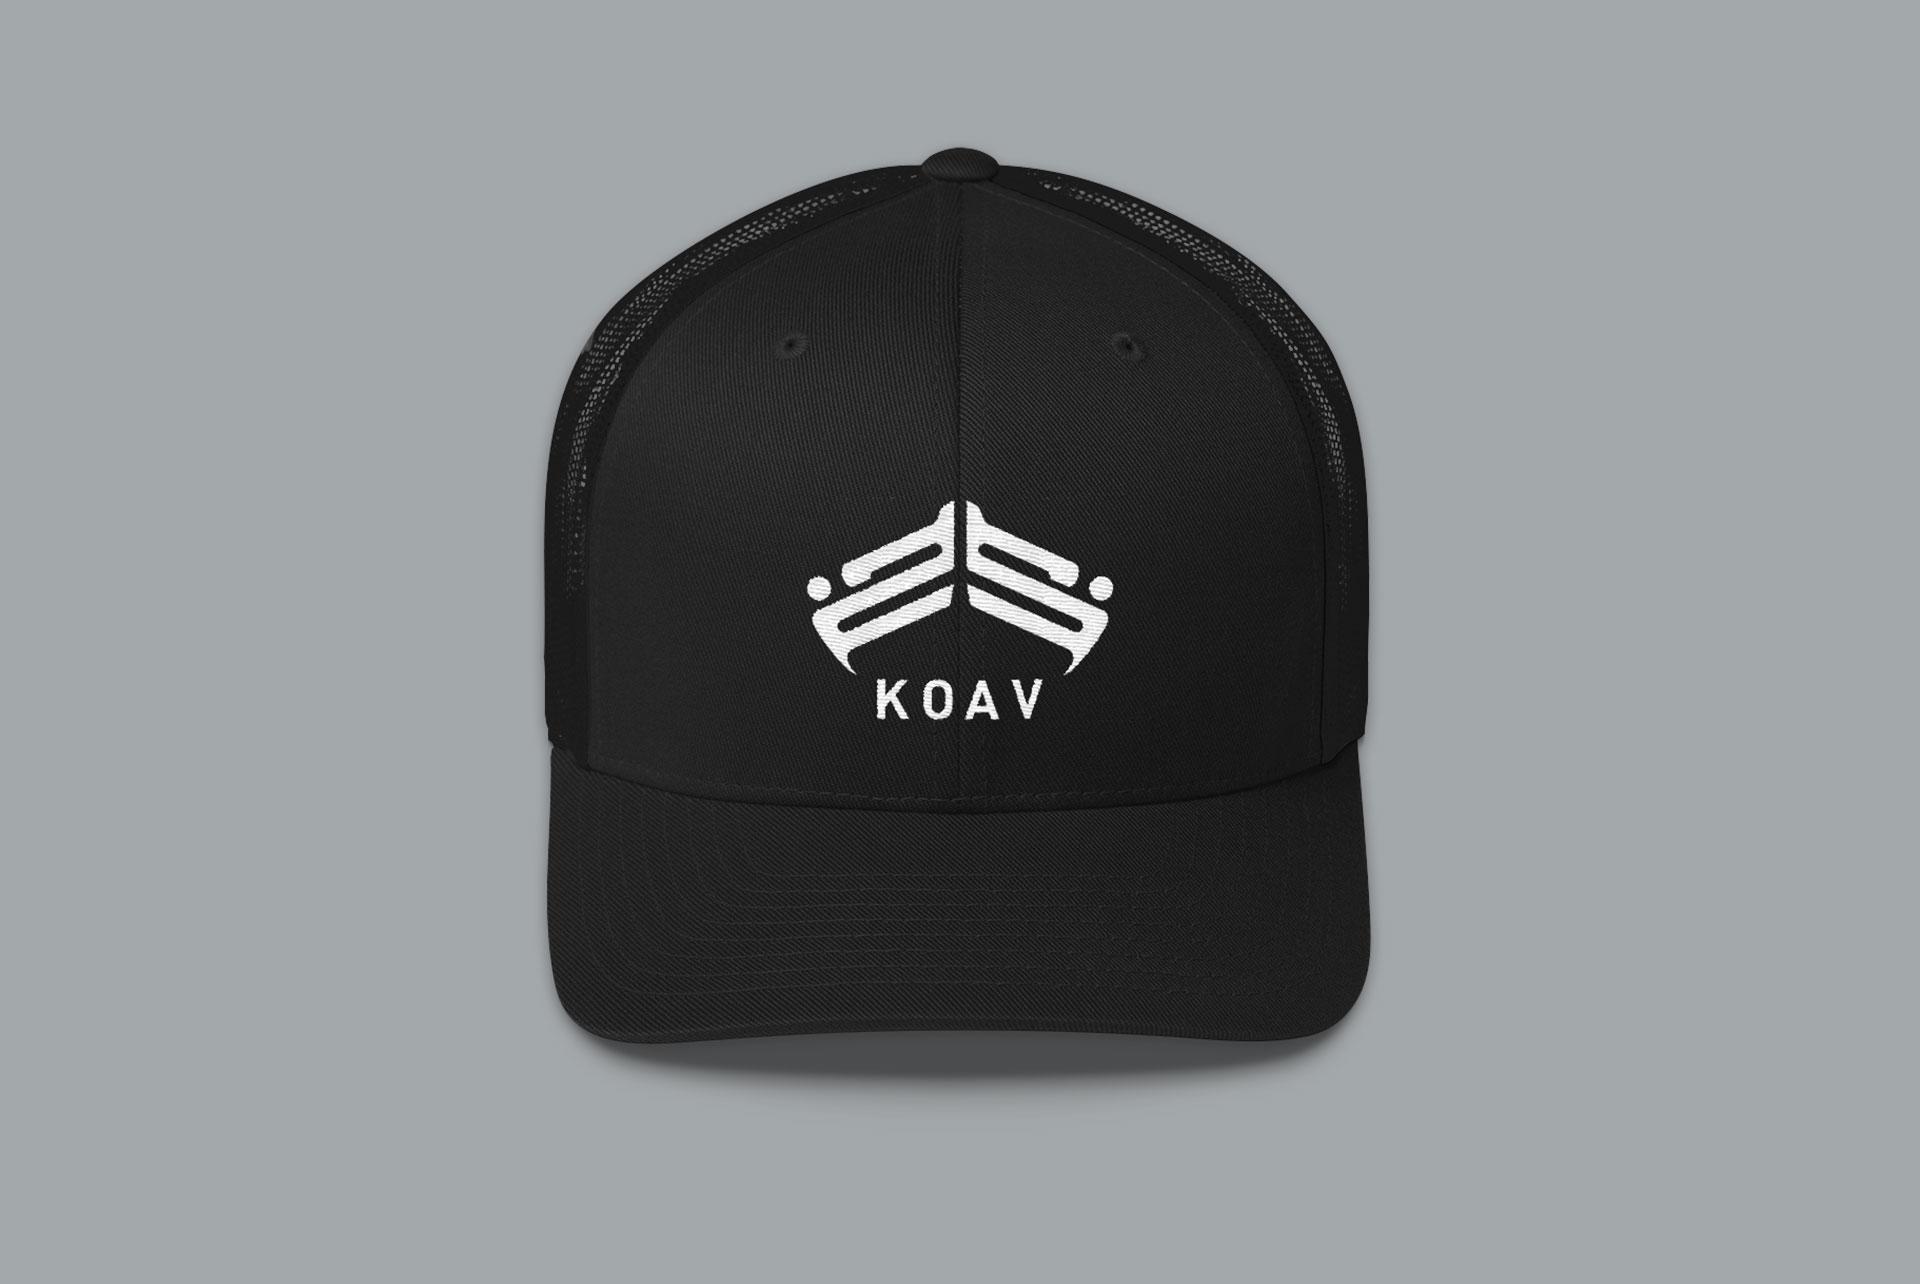 KOAV Trucker Snap Back Cap - Black